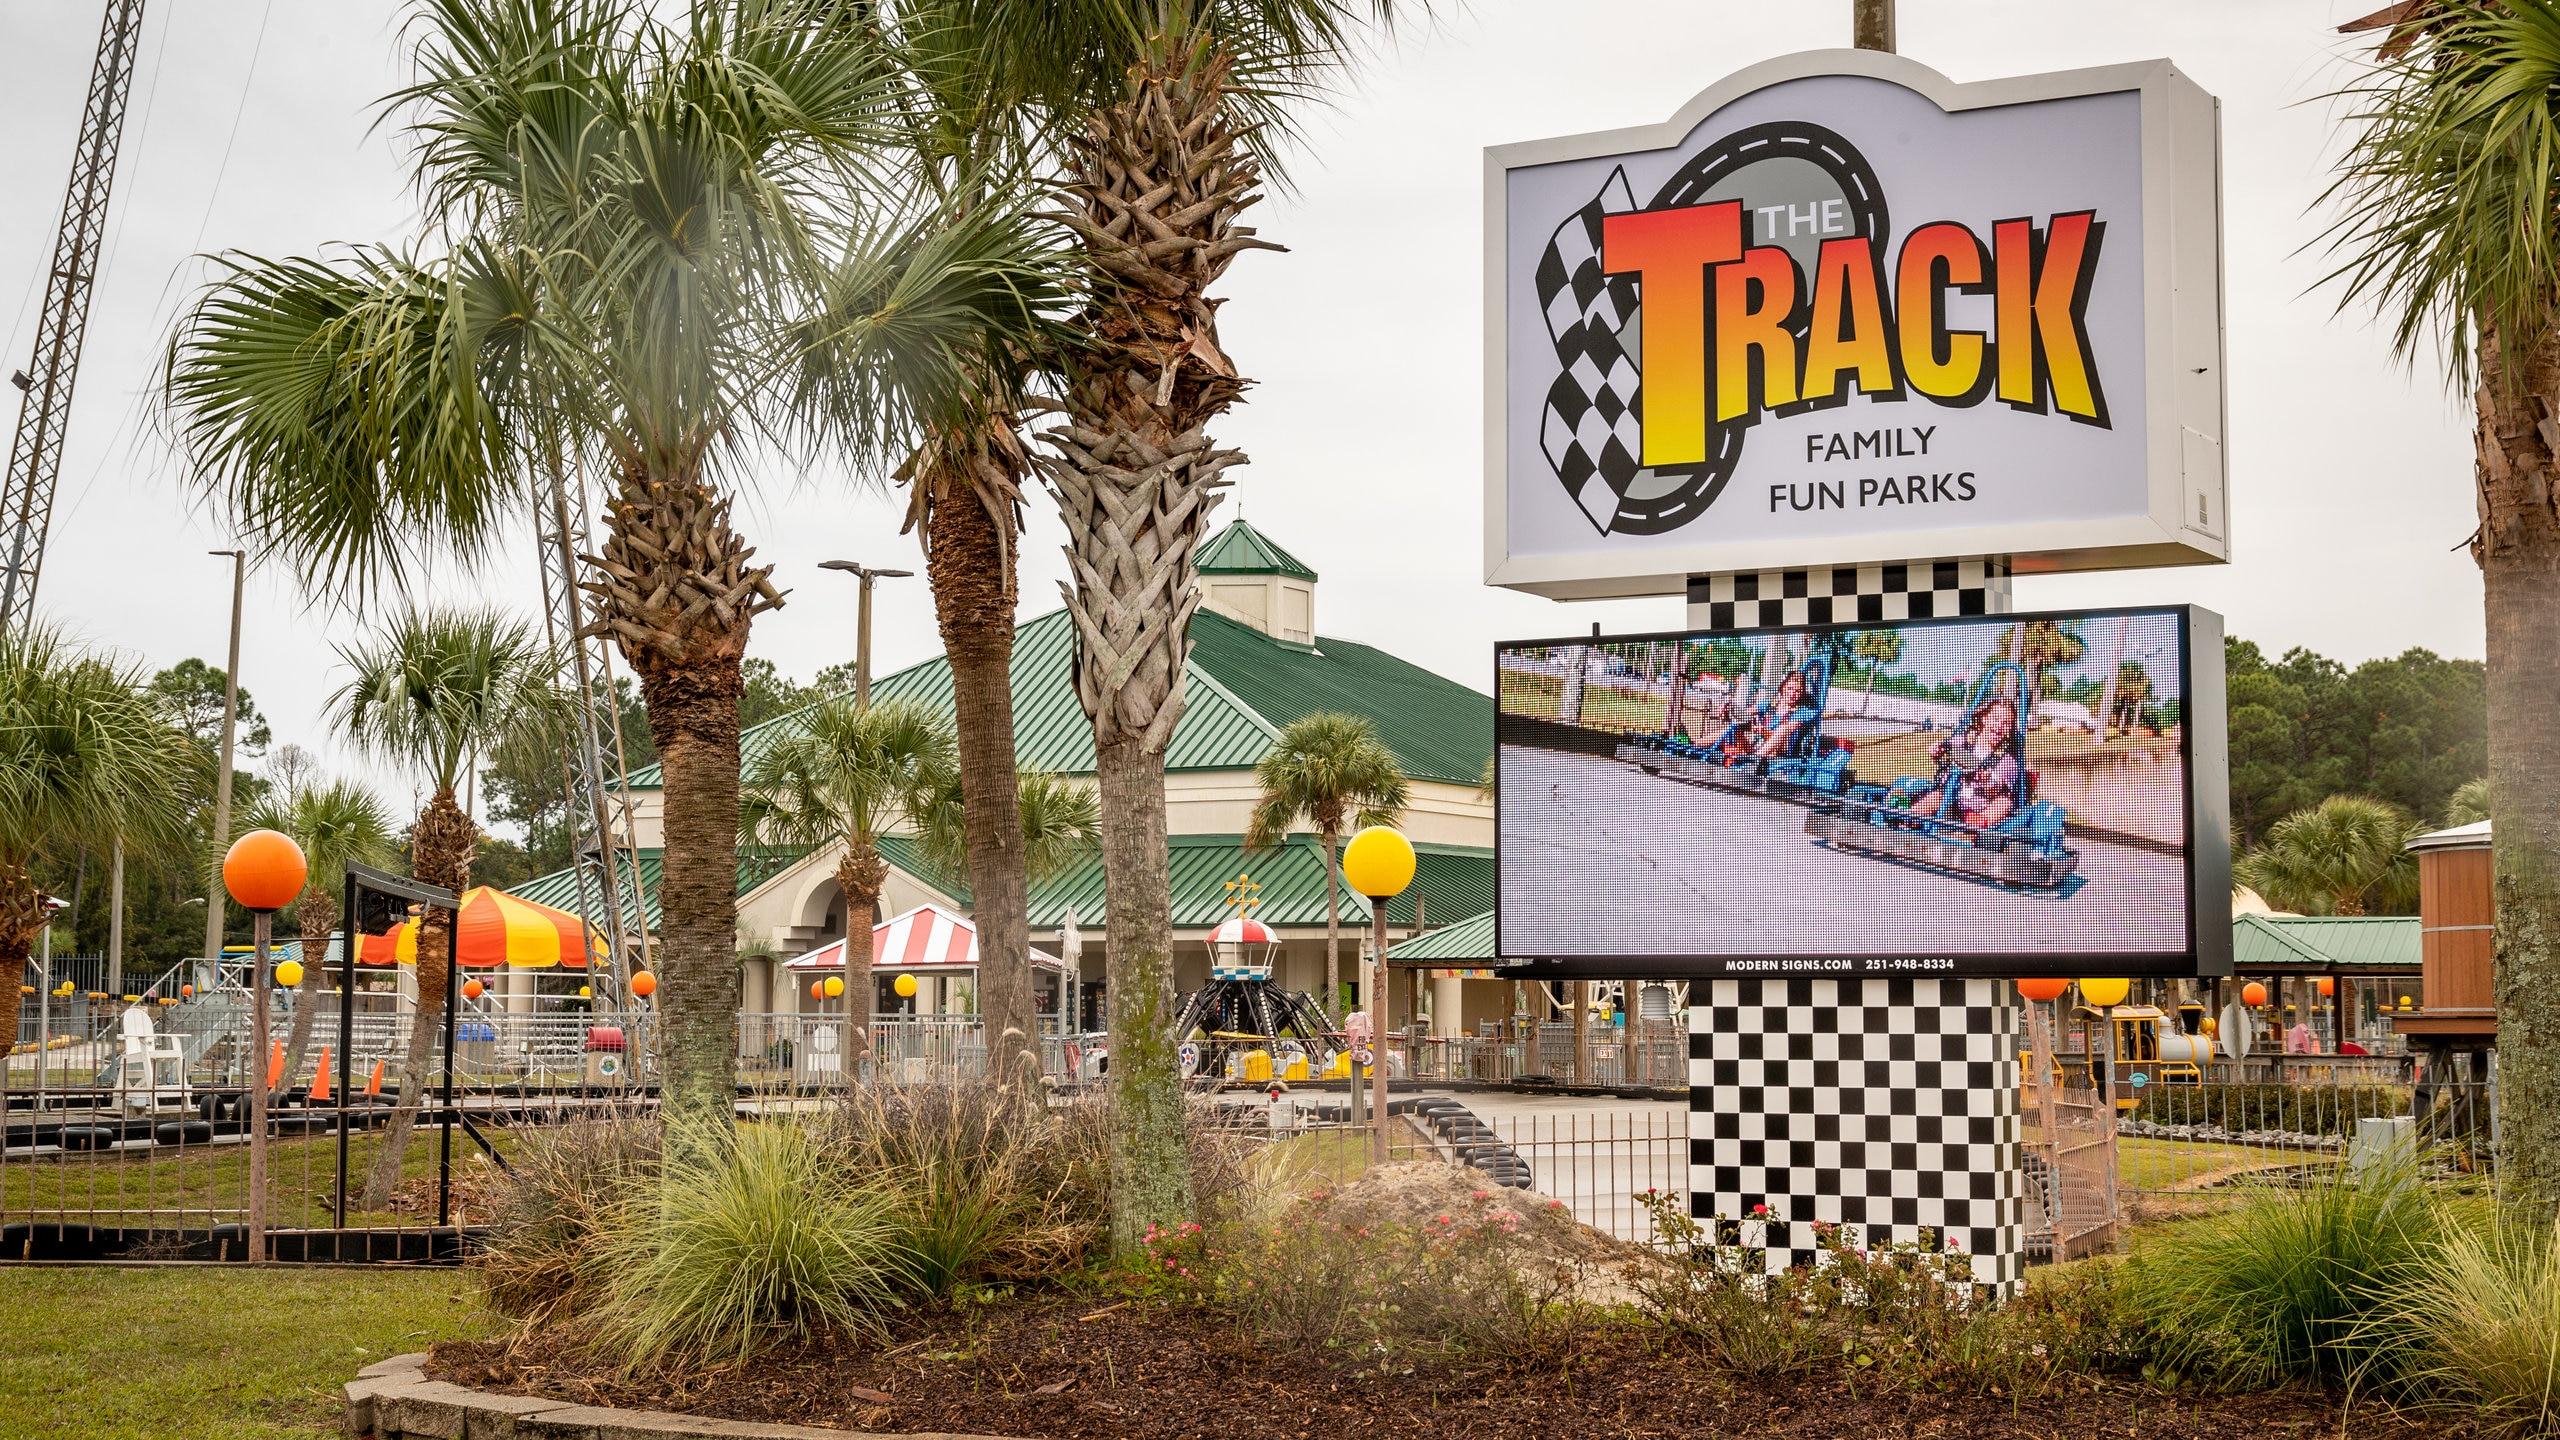 The Track Family Recreation Center, Gulf Shores, Alabama, USA